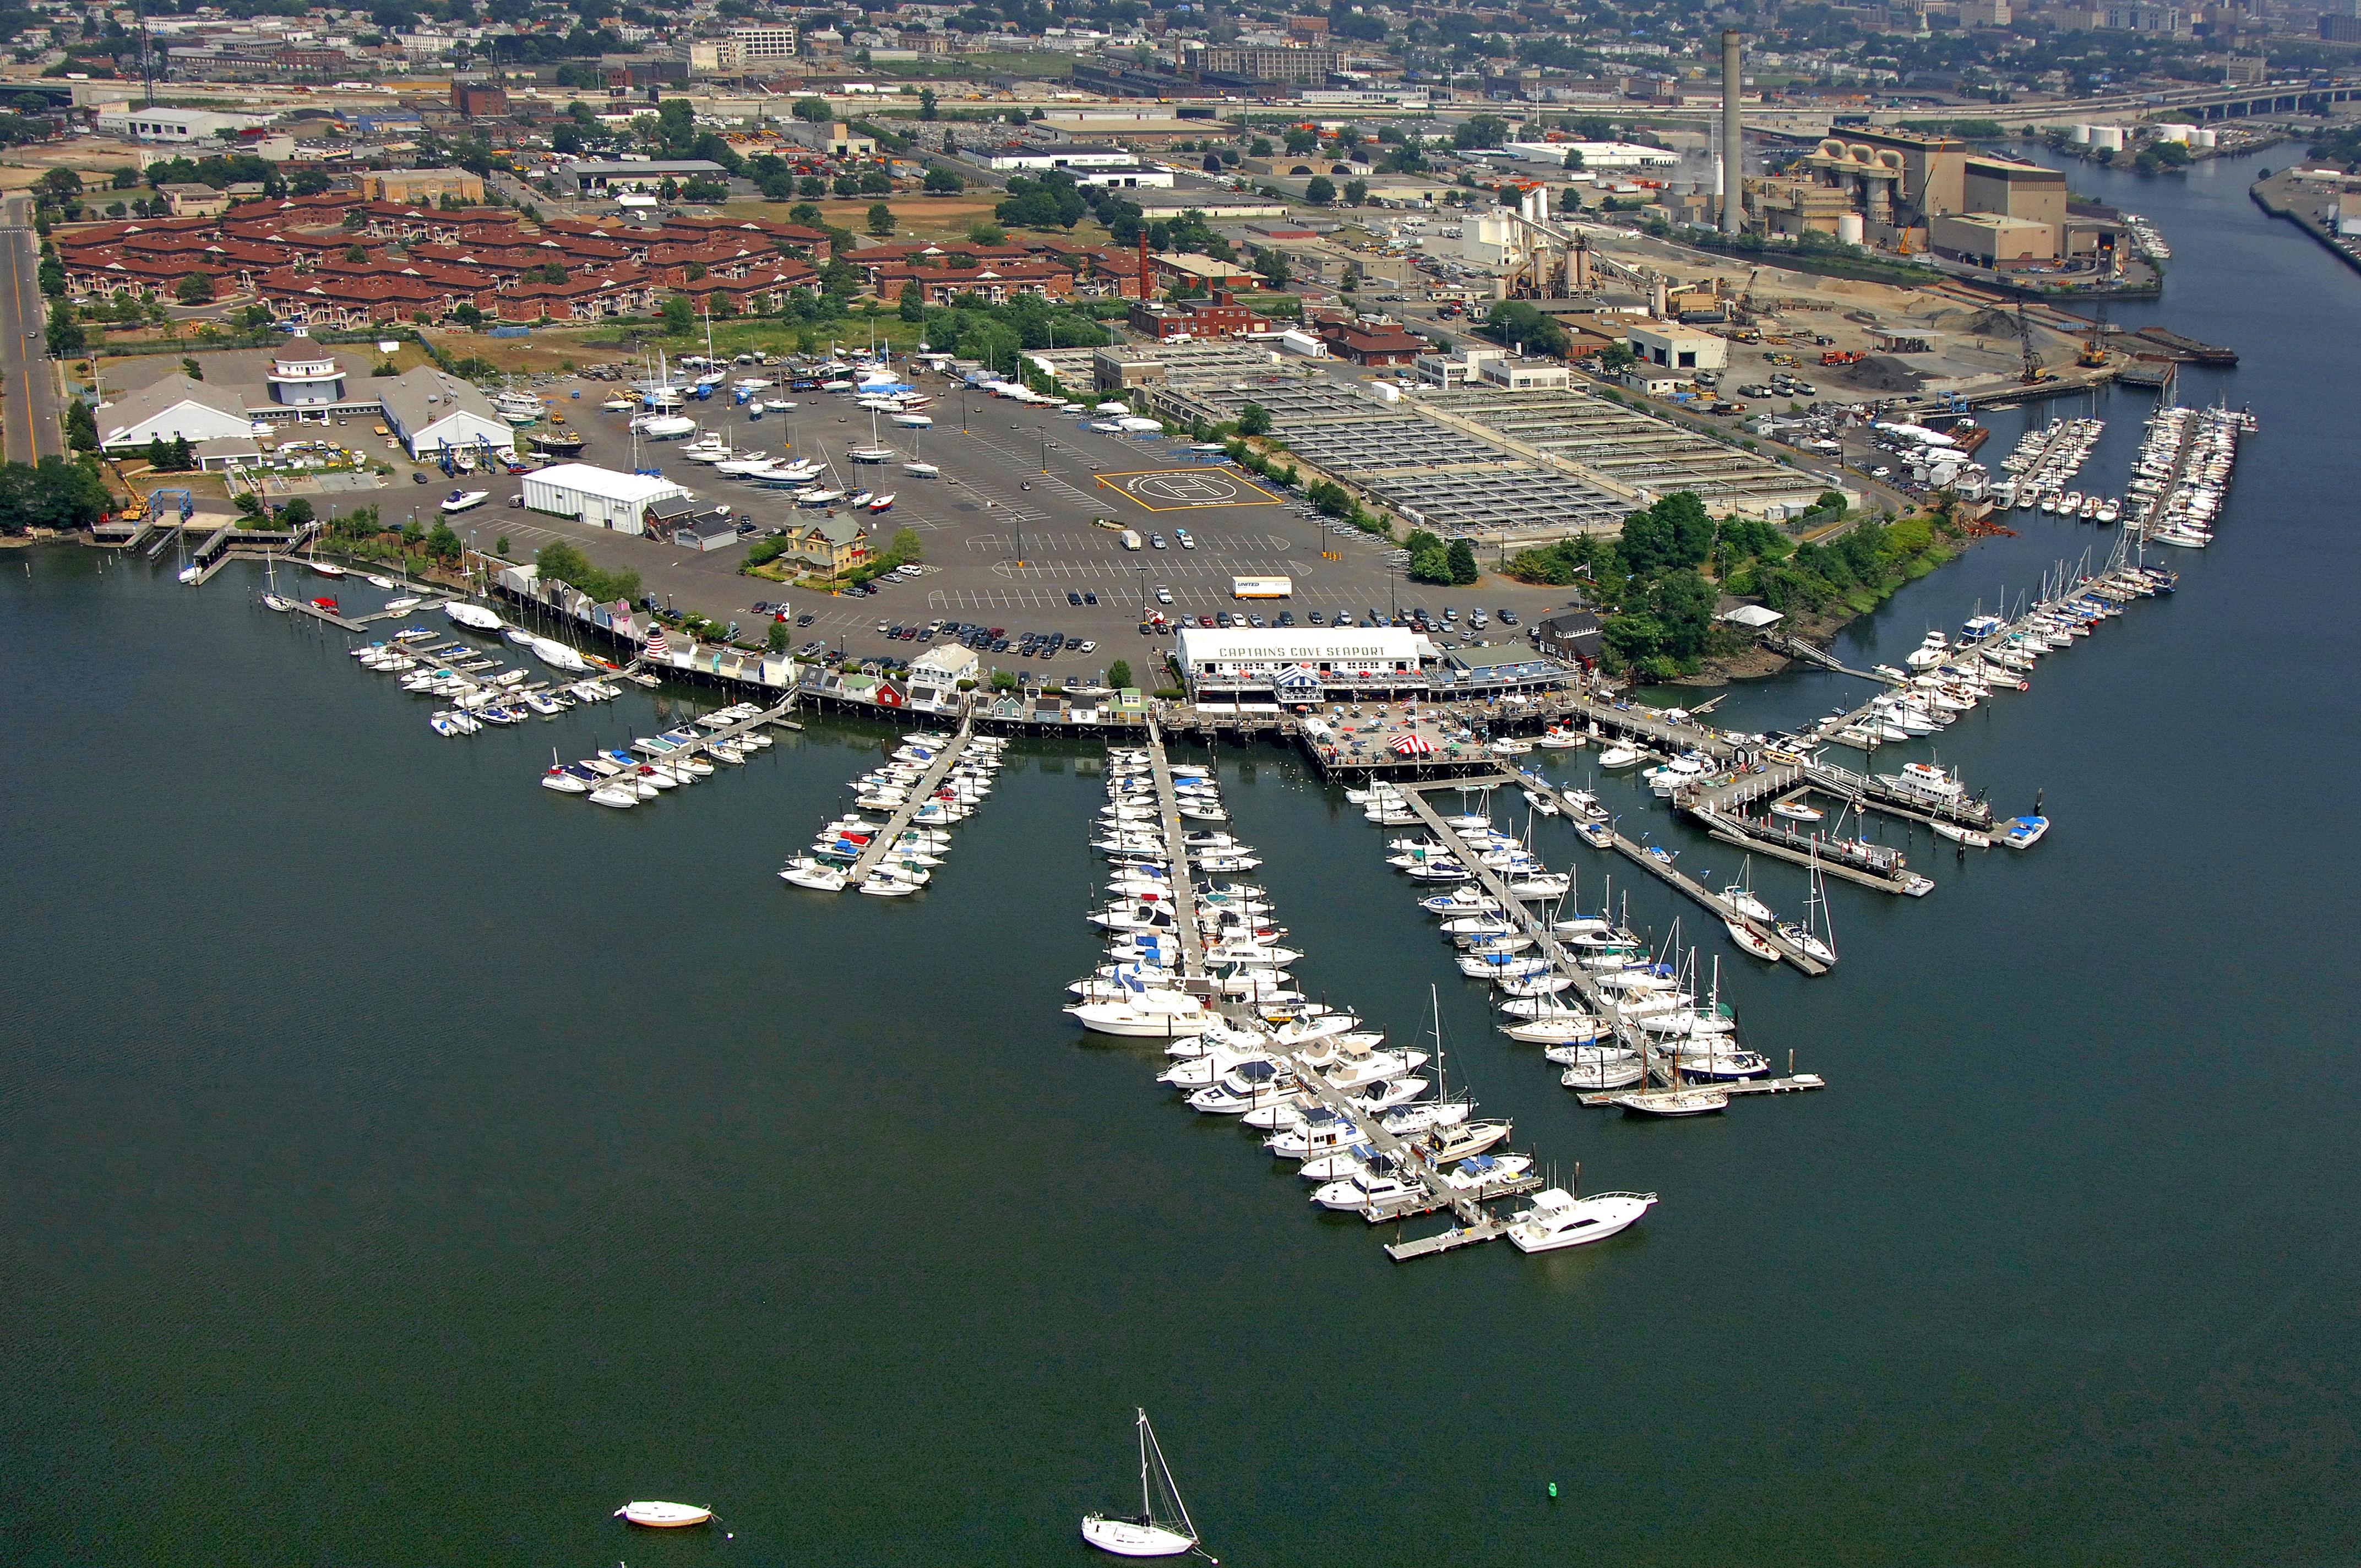 captain u0026 39 s cove seaport in bridgeport  ct  united states